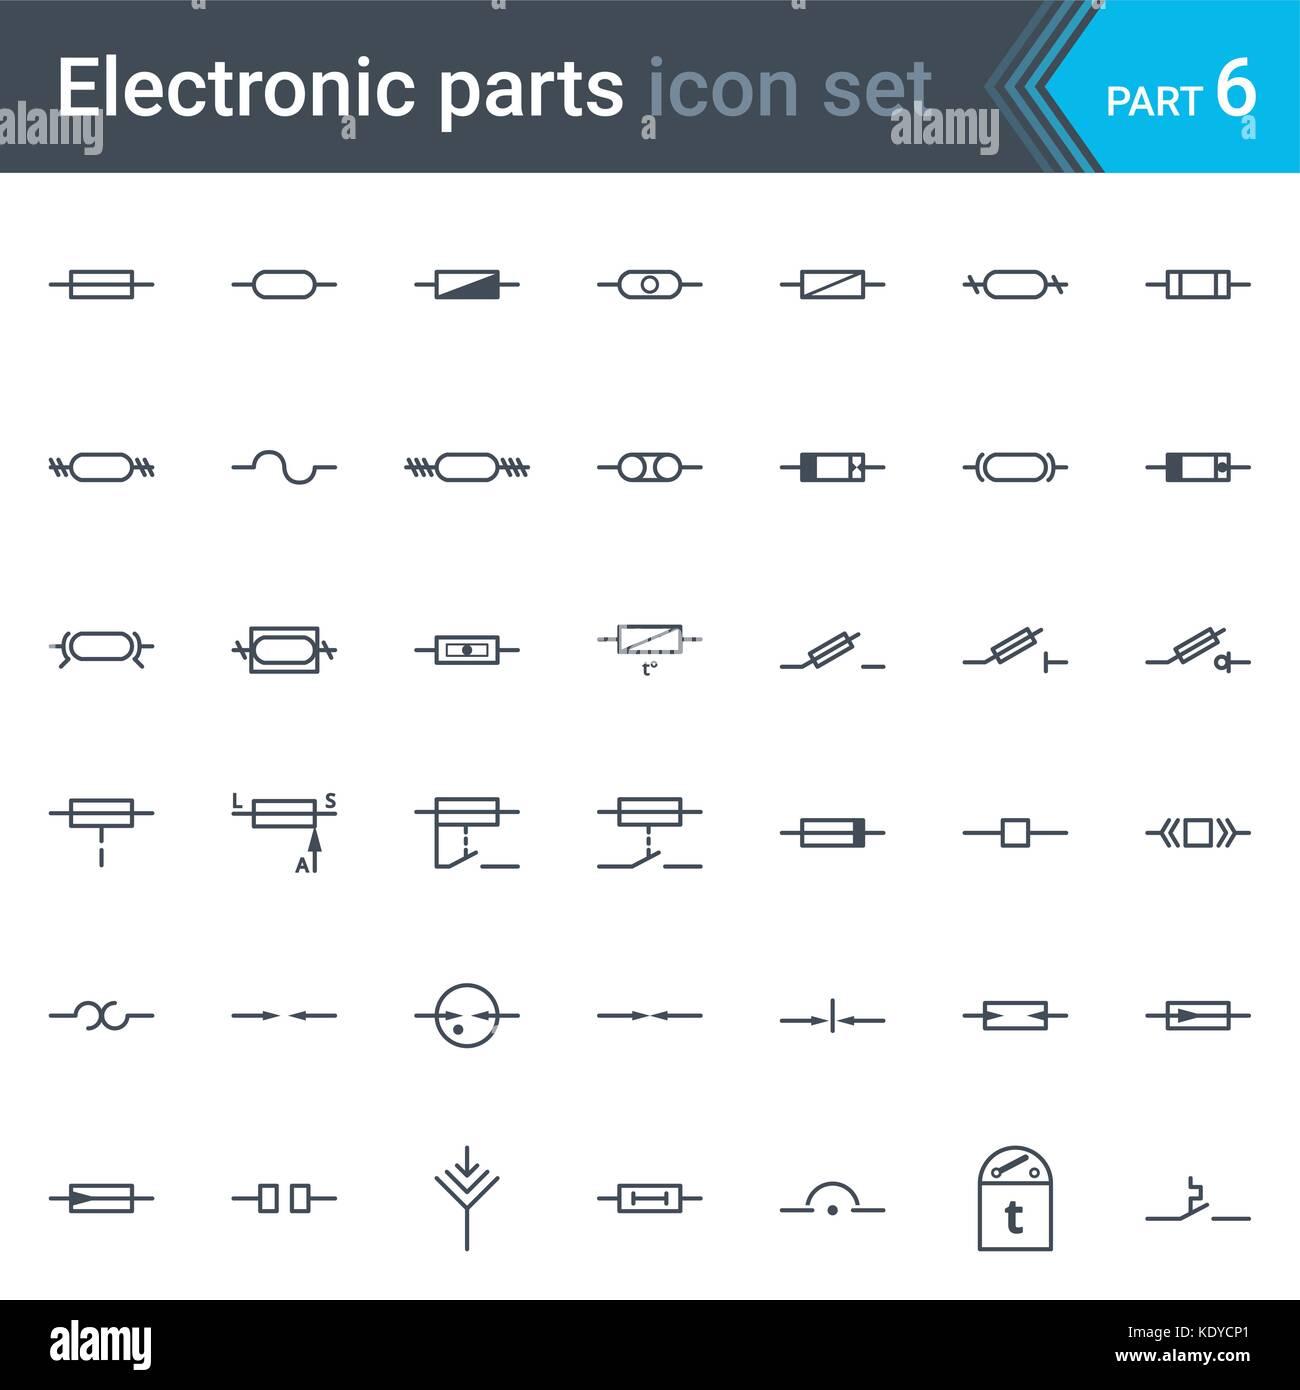 Fantastisch Schaltplan Sicherung Symbol Ideen - Elektrische ...